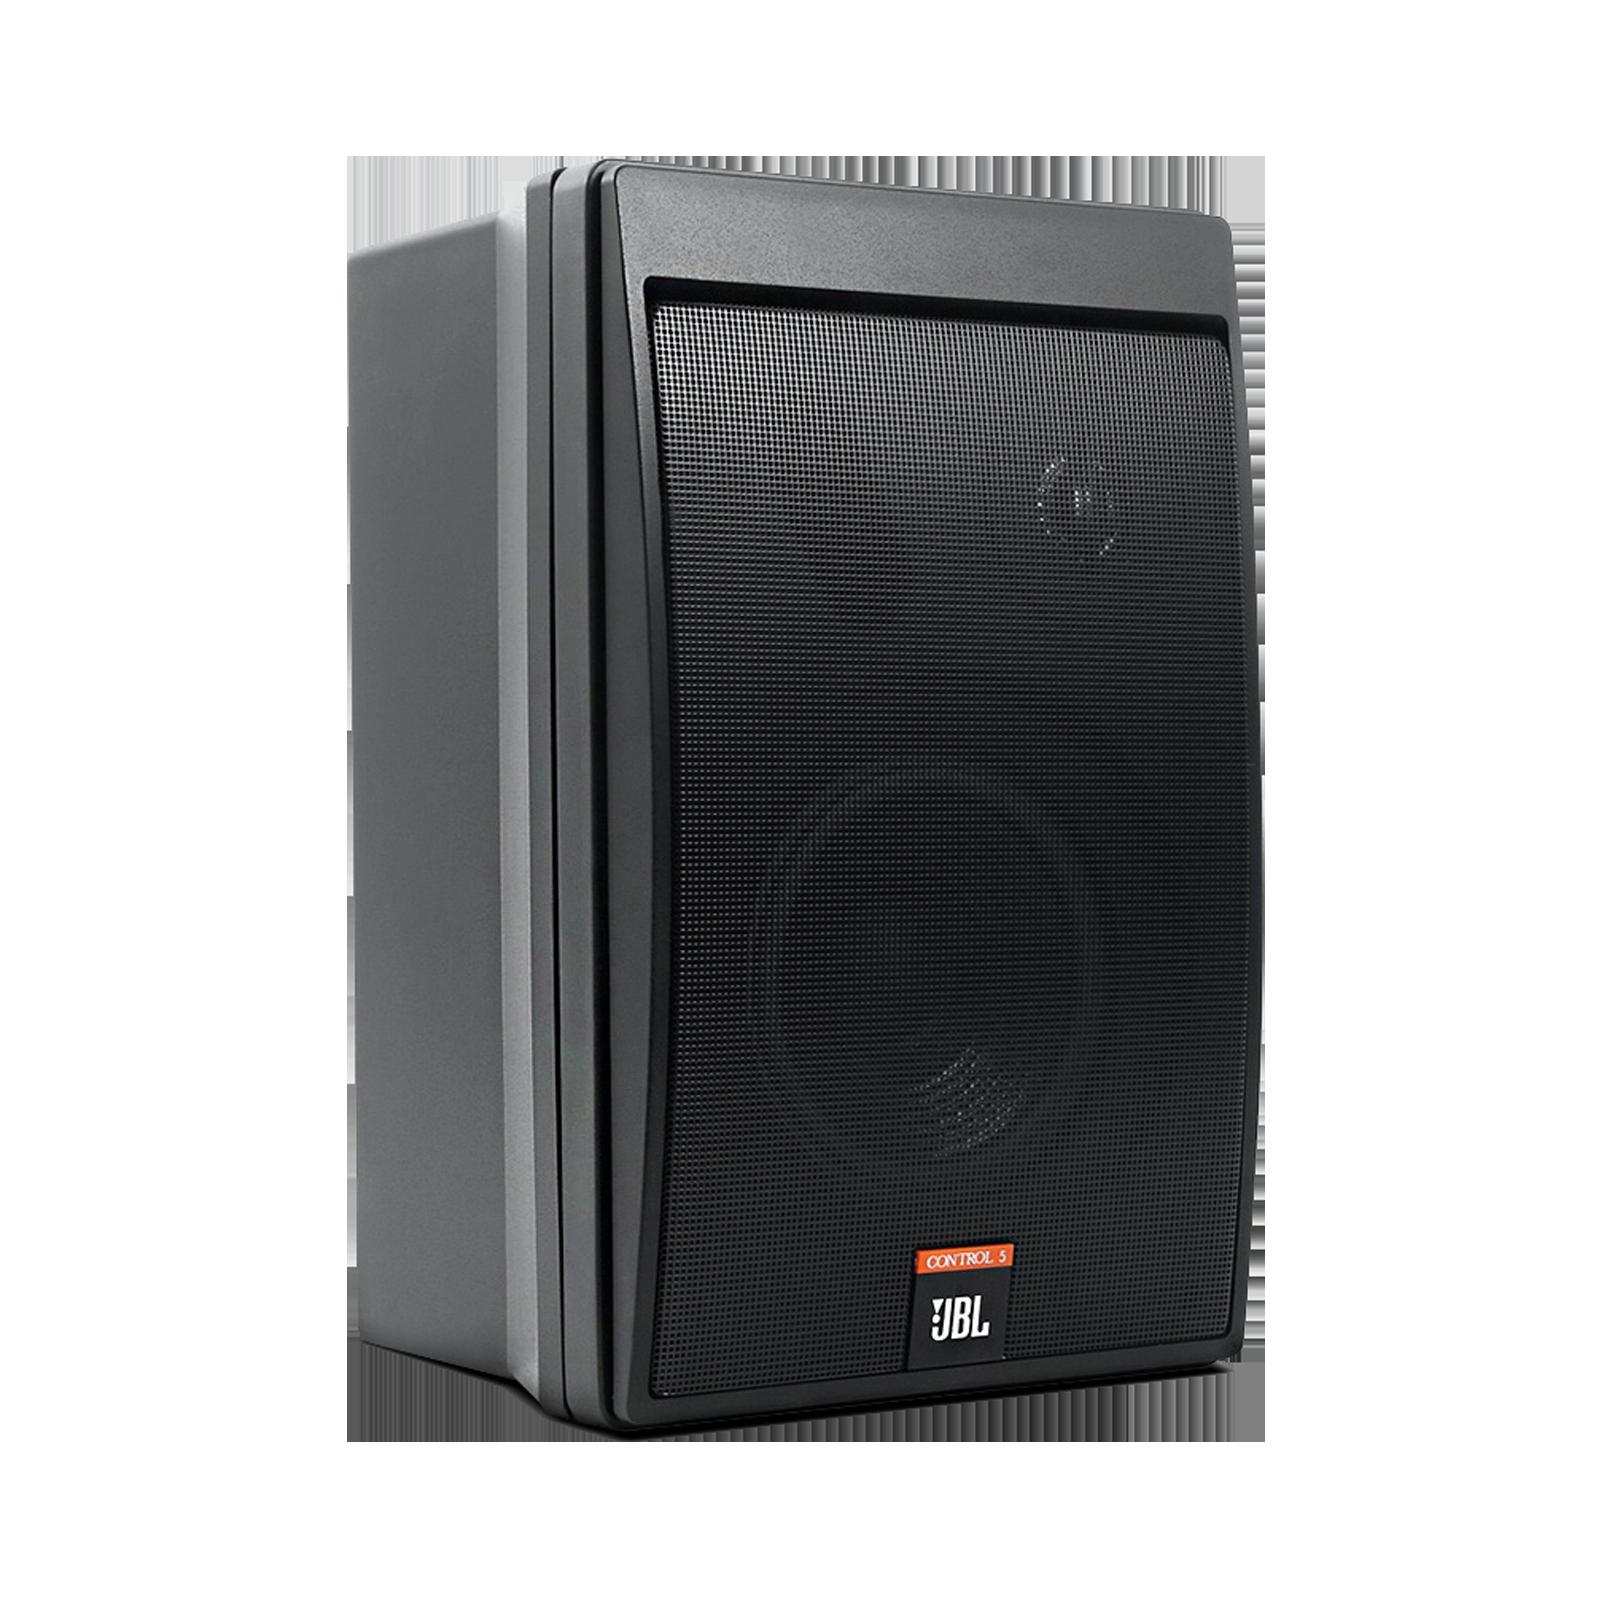 JBL Control 5 - Black - Compact Control Monitor Loudspeaker System - Hero